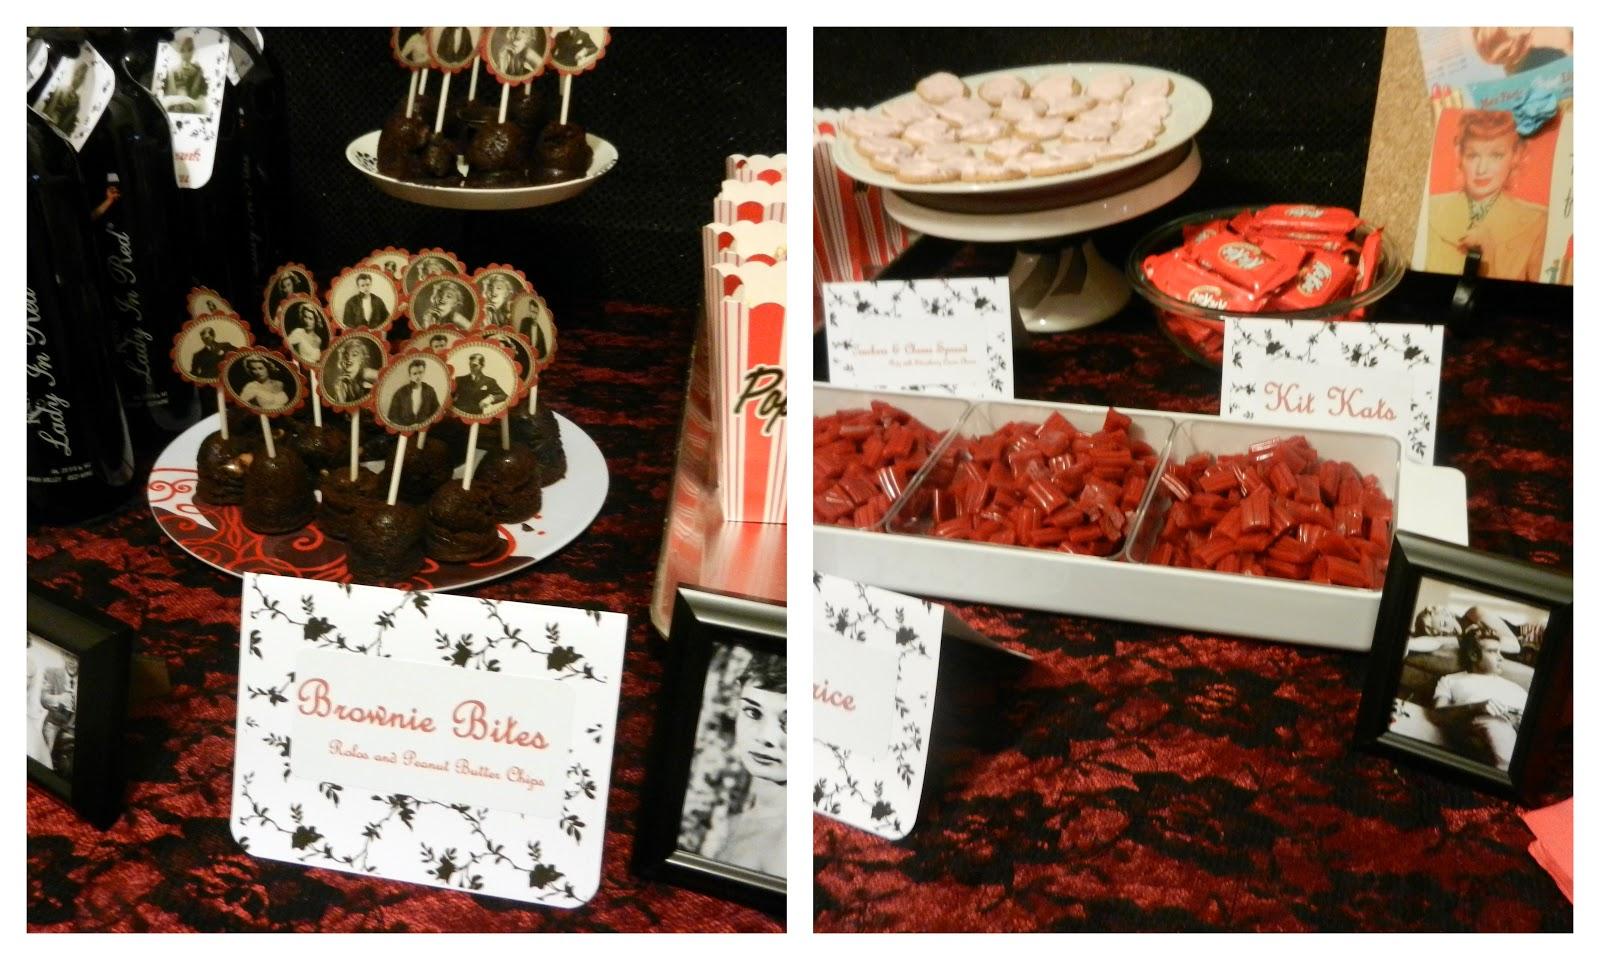 Red Carpet Movie Party Birthday Party Ideas   Movie night ...   Hollywood Theme Food Menu